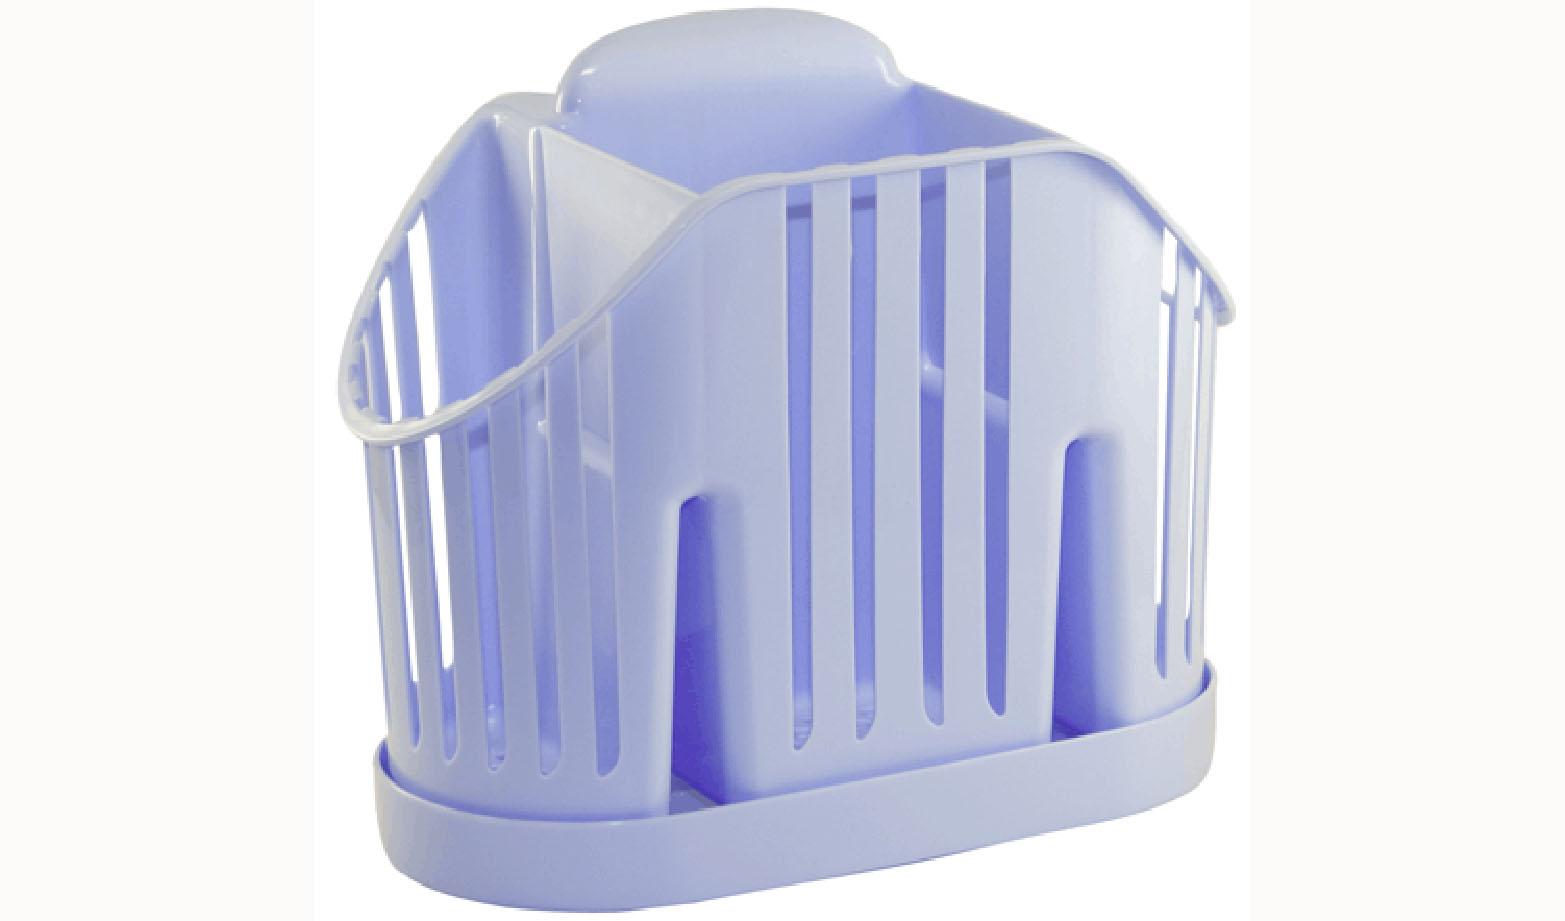 Подставка для столовых приборов Idea, цвет: голубойМ 1169Подставка для столовых приборов Idea, выполненная из высококачественногополипропилена, станет полезным приобретением для вашей кухни. Изделие оснащено 3 секциями дляразличных столовых приборов. Дно и стенки имеют перфорацию для легкого стока жидкости,которую собирает поддон.Такая подставка поможет аккуратно рассортировать все столовые приборы и тем самымподдерживать порядок на кухне.Размер подставки: 13,5 х 17,5 х 11 см.Размер поддона: 18,5 х 10 х 2 см.